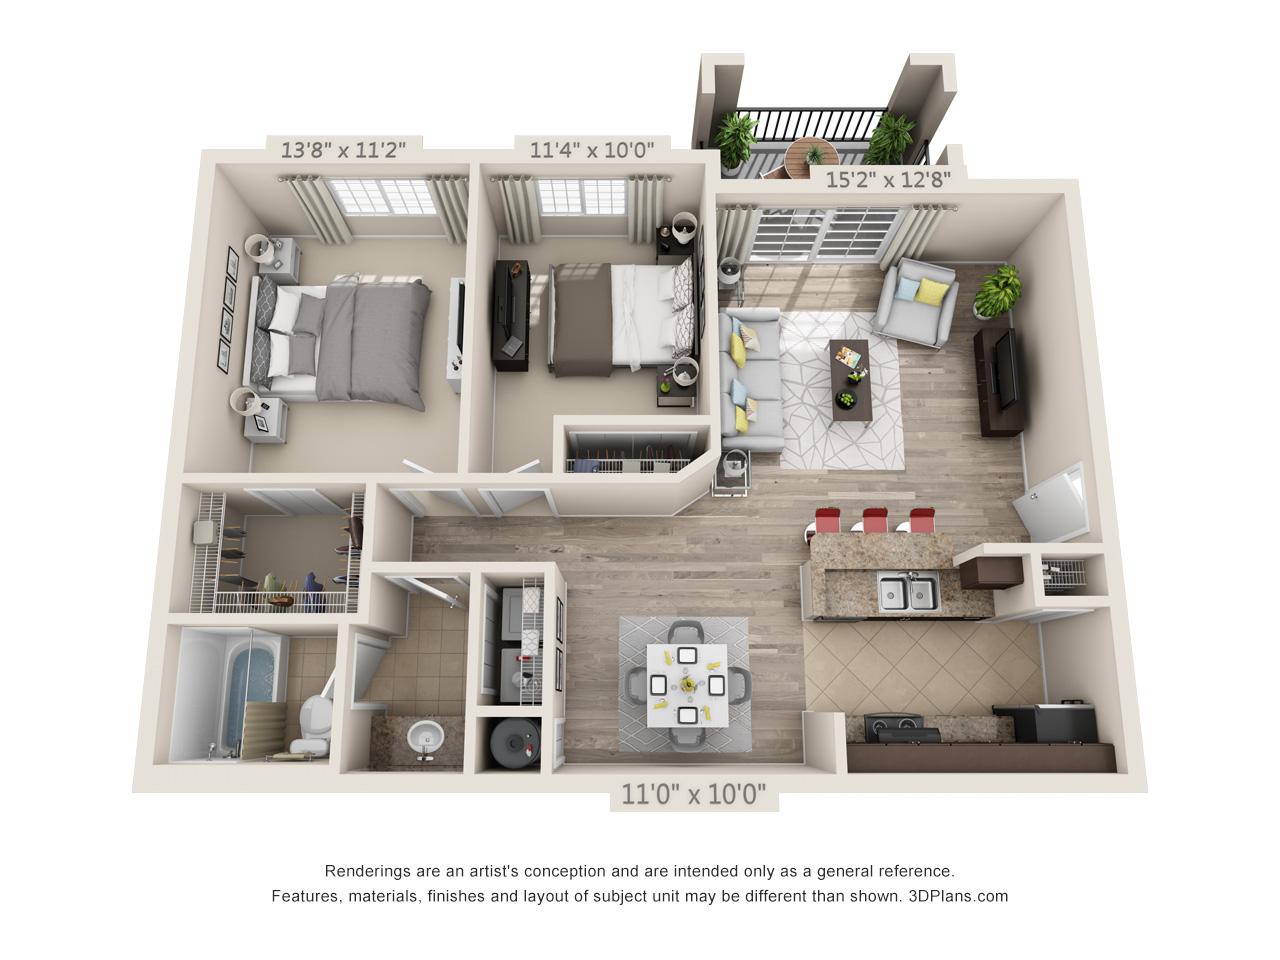 2 Bedrooms / 1 Bathroom